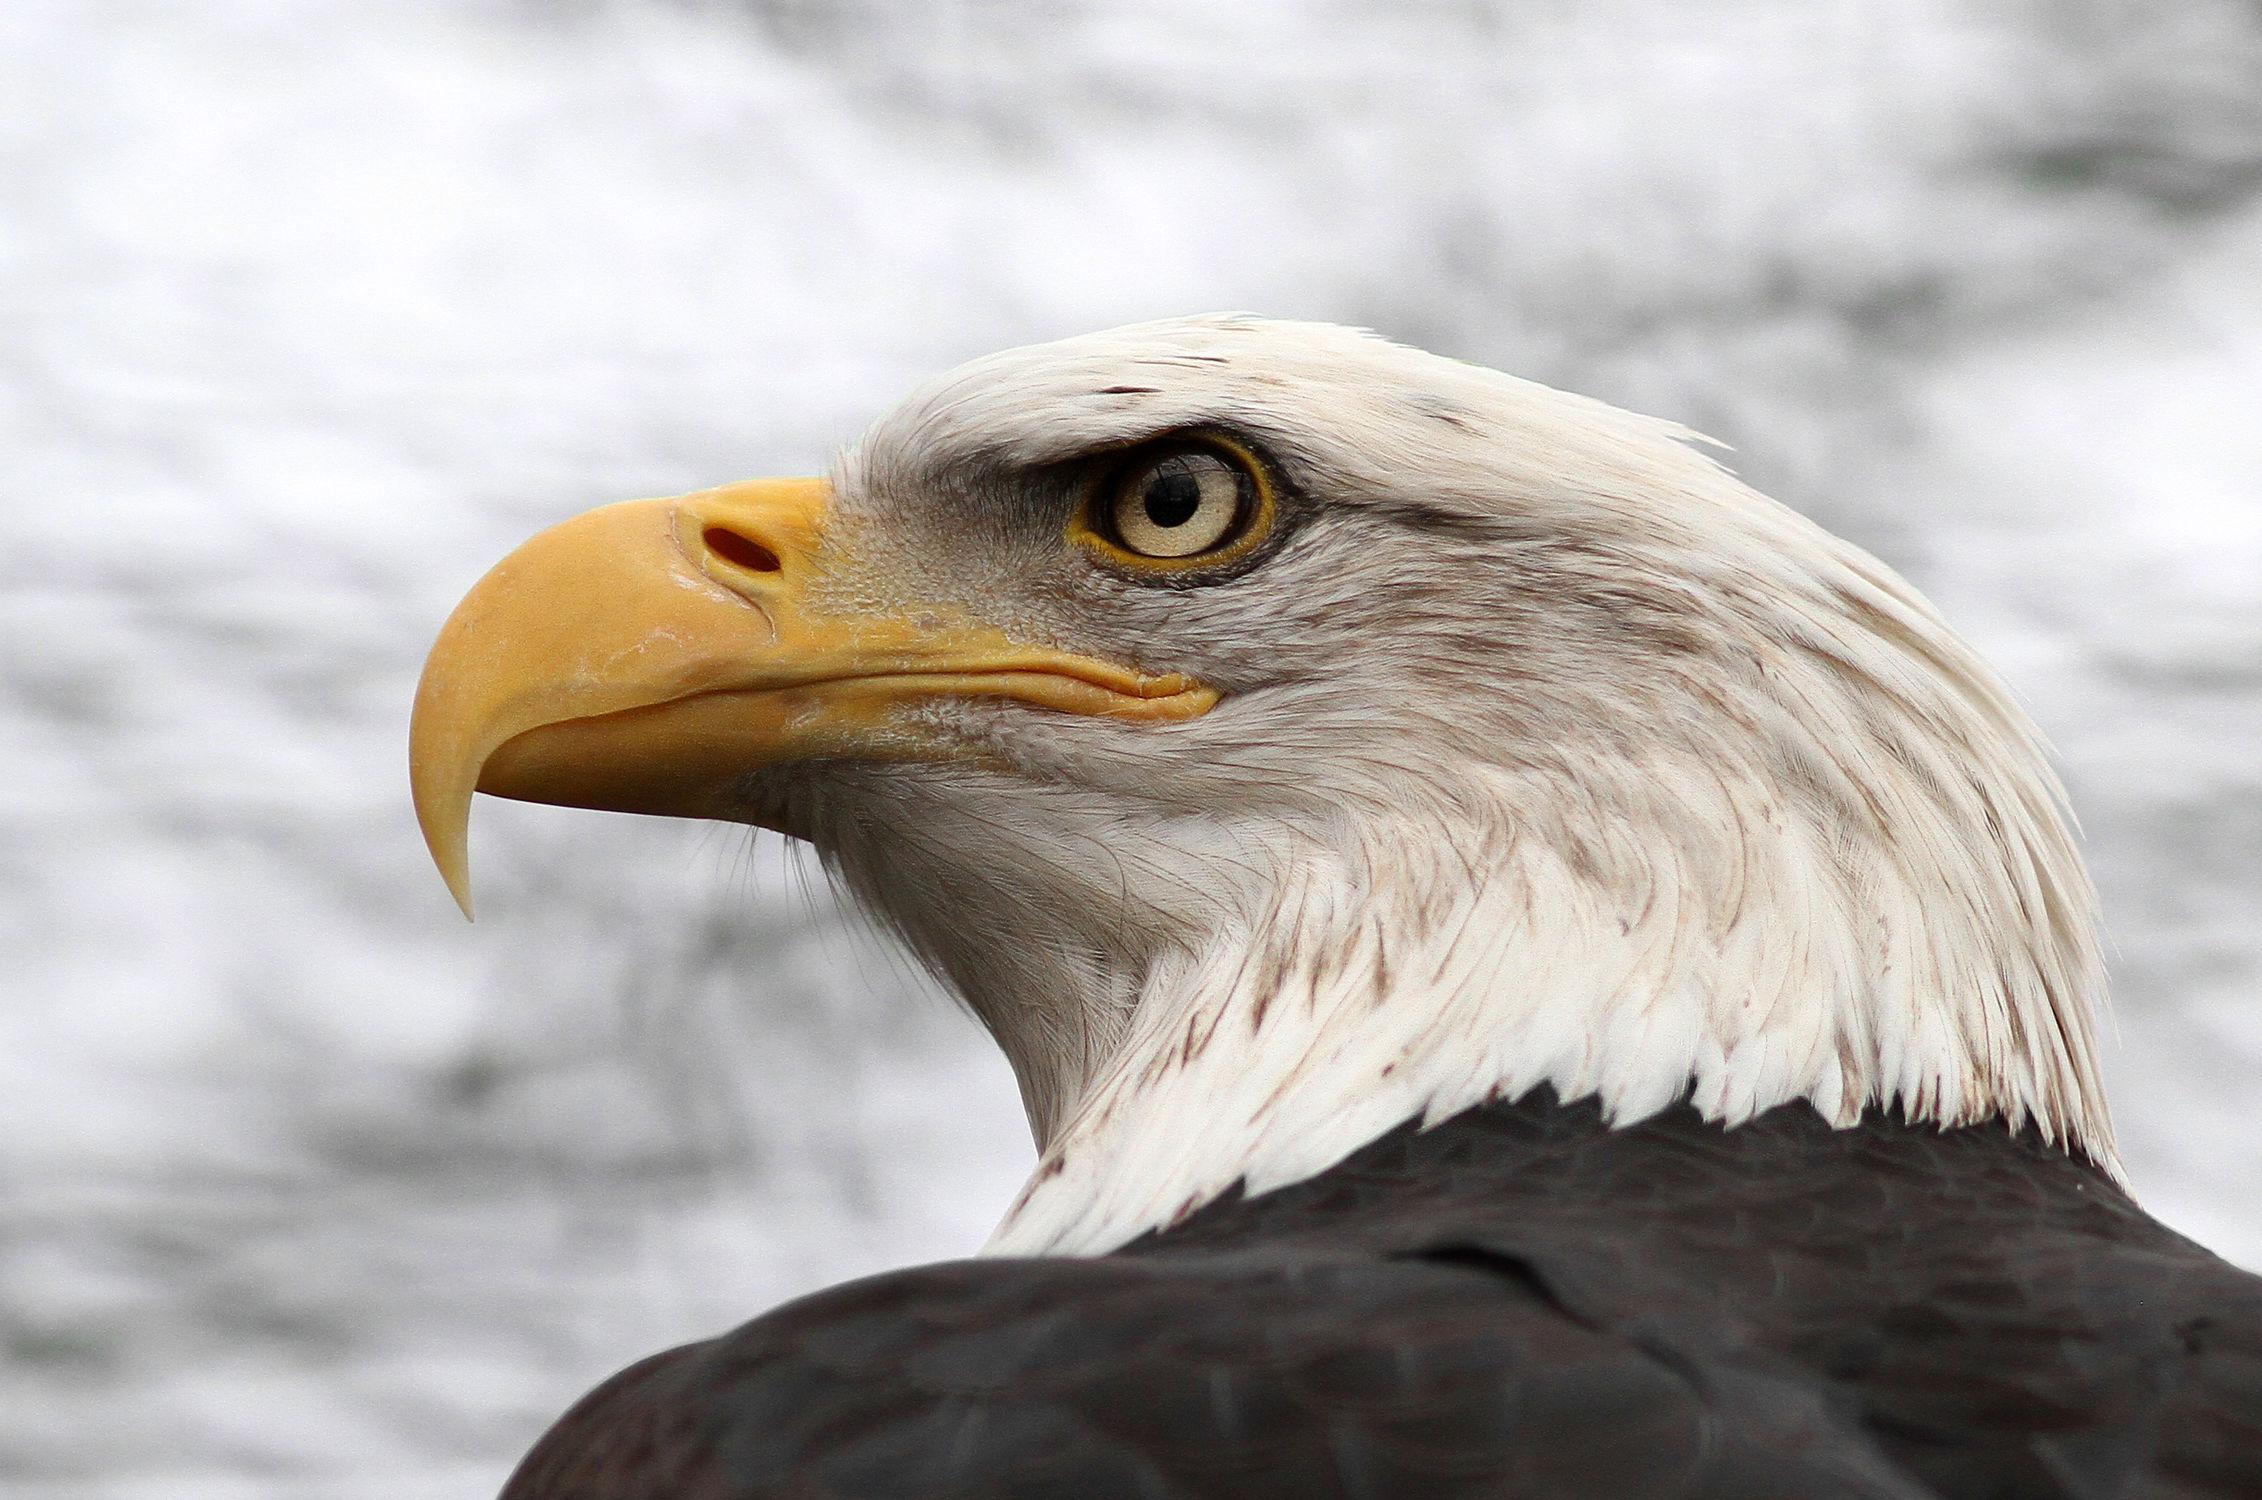 Bild mit Tiere, Natur, Vögel, Vögel, Greifvögel, Greifvögel, Tier, Adler, Wappenvogel, Weißkopfseeadler